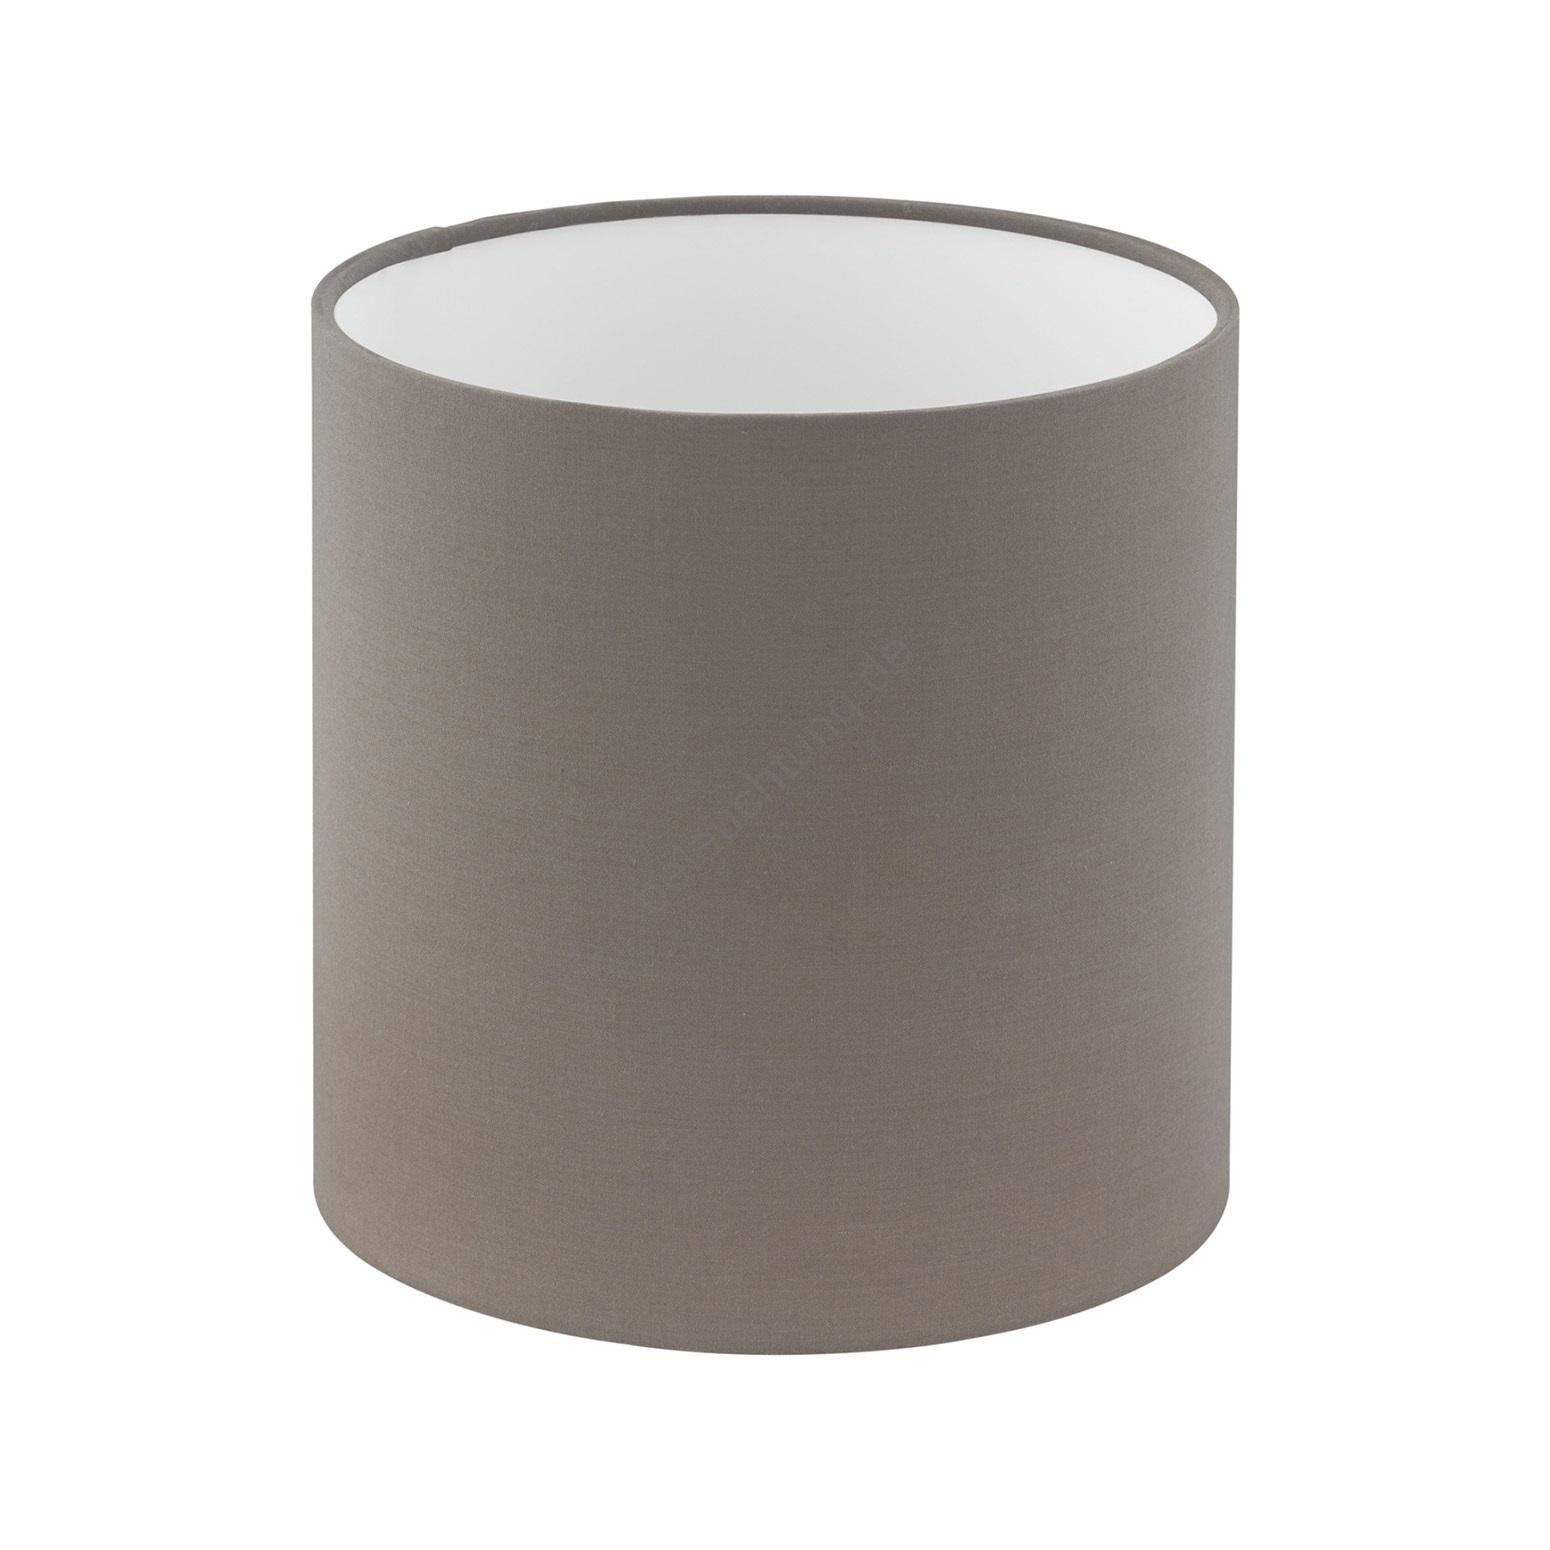 eglo leuchten vintage elegant eglo lampen vintage leuchten ersatzteile eglo lampen oosterhout. Black Bedroom Furniture Sets. Home Design Ideas